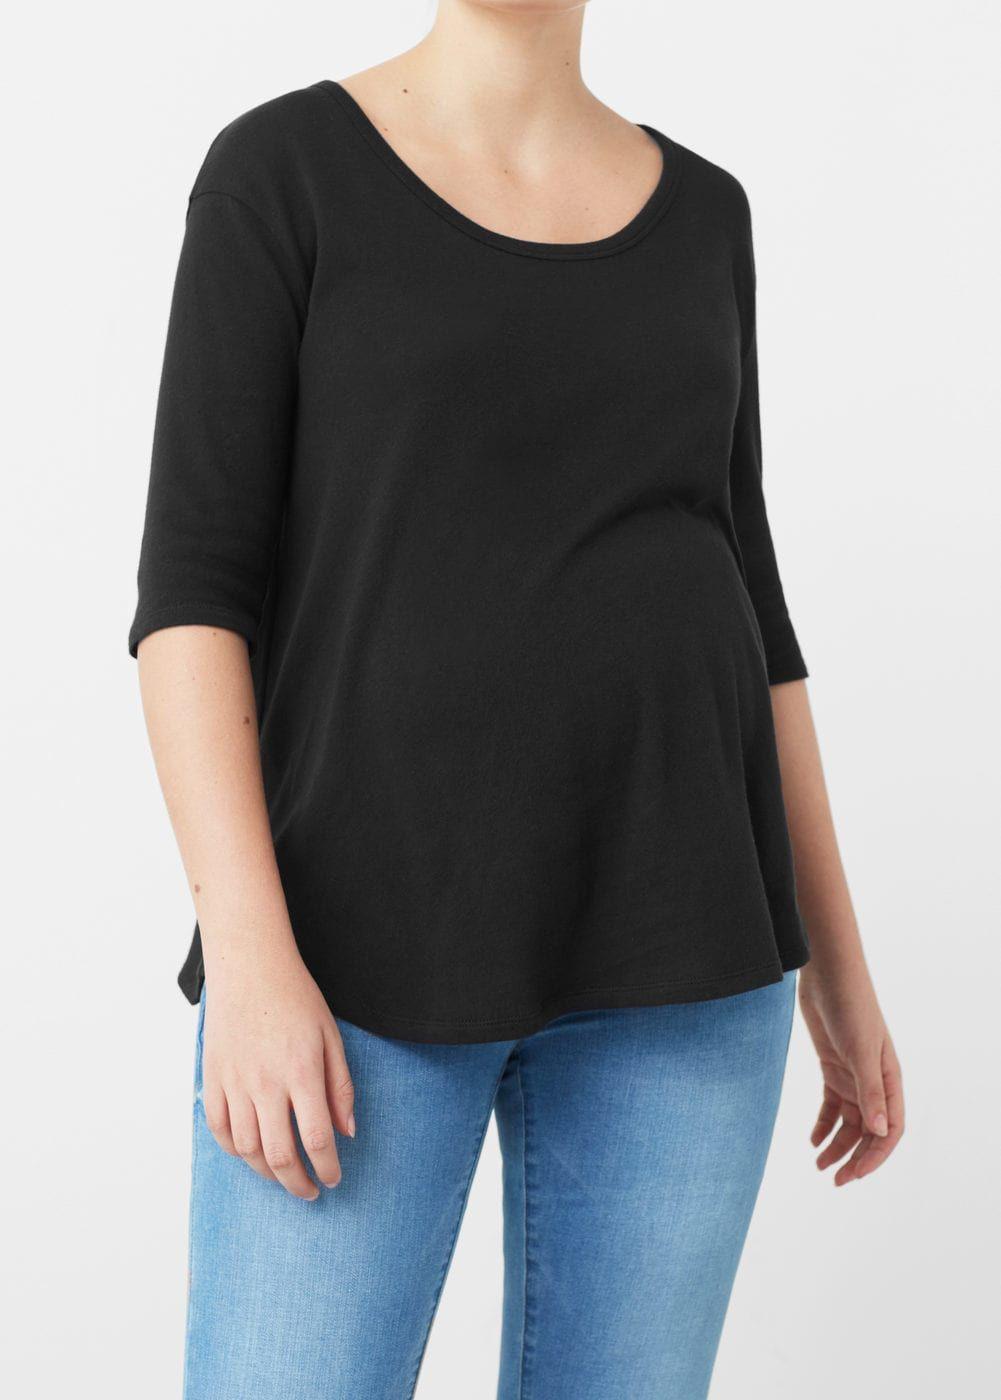 Pamuklu çizgili tişört -  Kadın | MANGO Türkiye